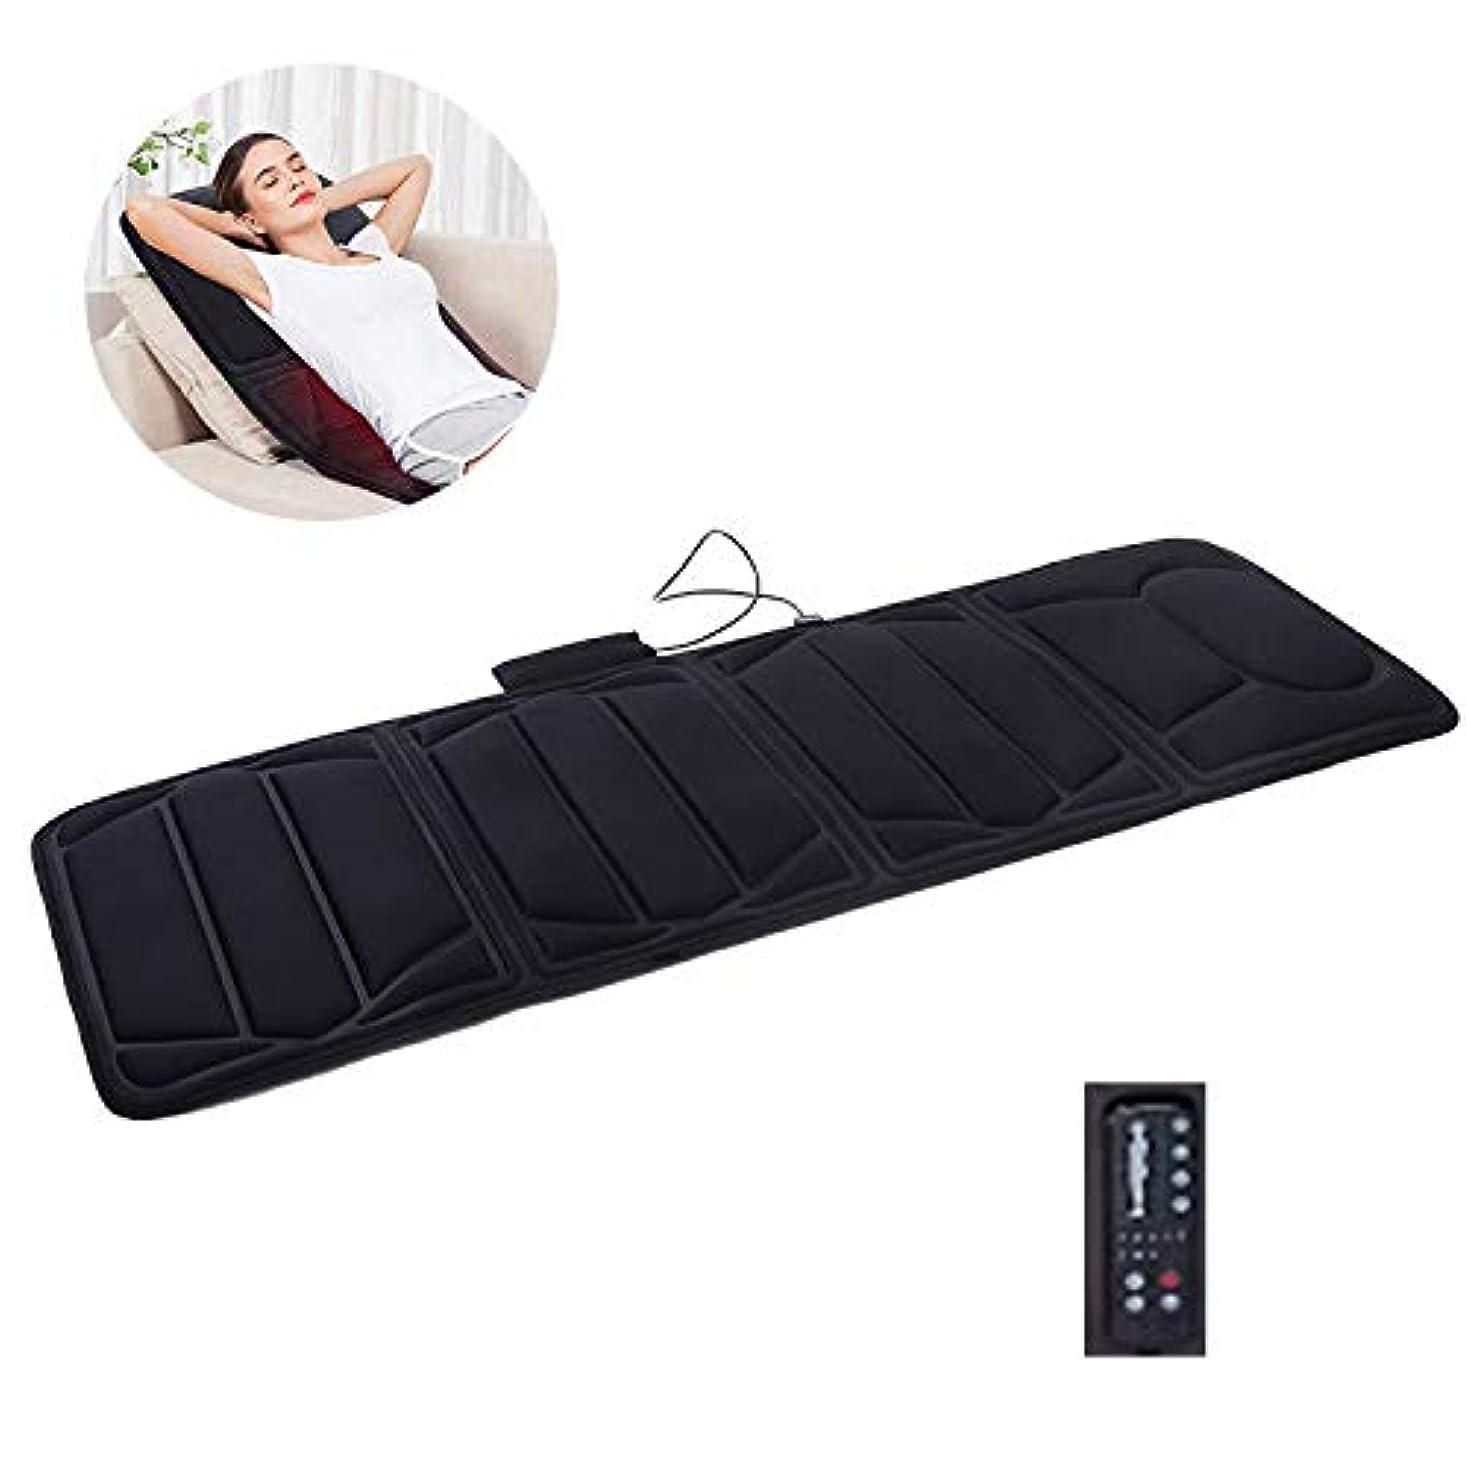 シャッフル独創的バンカー電動マッサージチェアシートクッションパッド背中の痛みを軽減するフルボディマッサージのための2つの暖房パッドが付いている10のモーター振動のマッサージのマットレスパッド